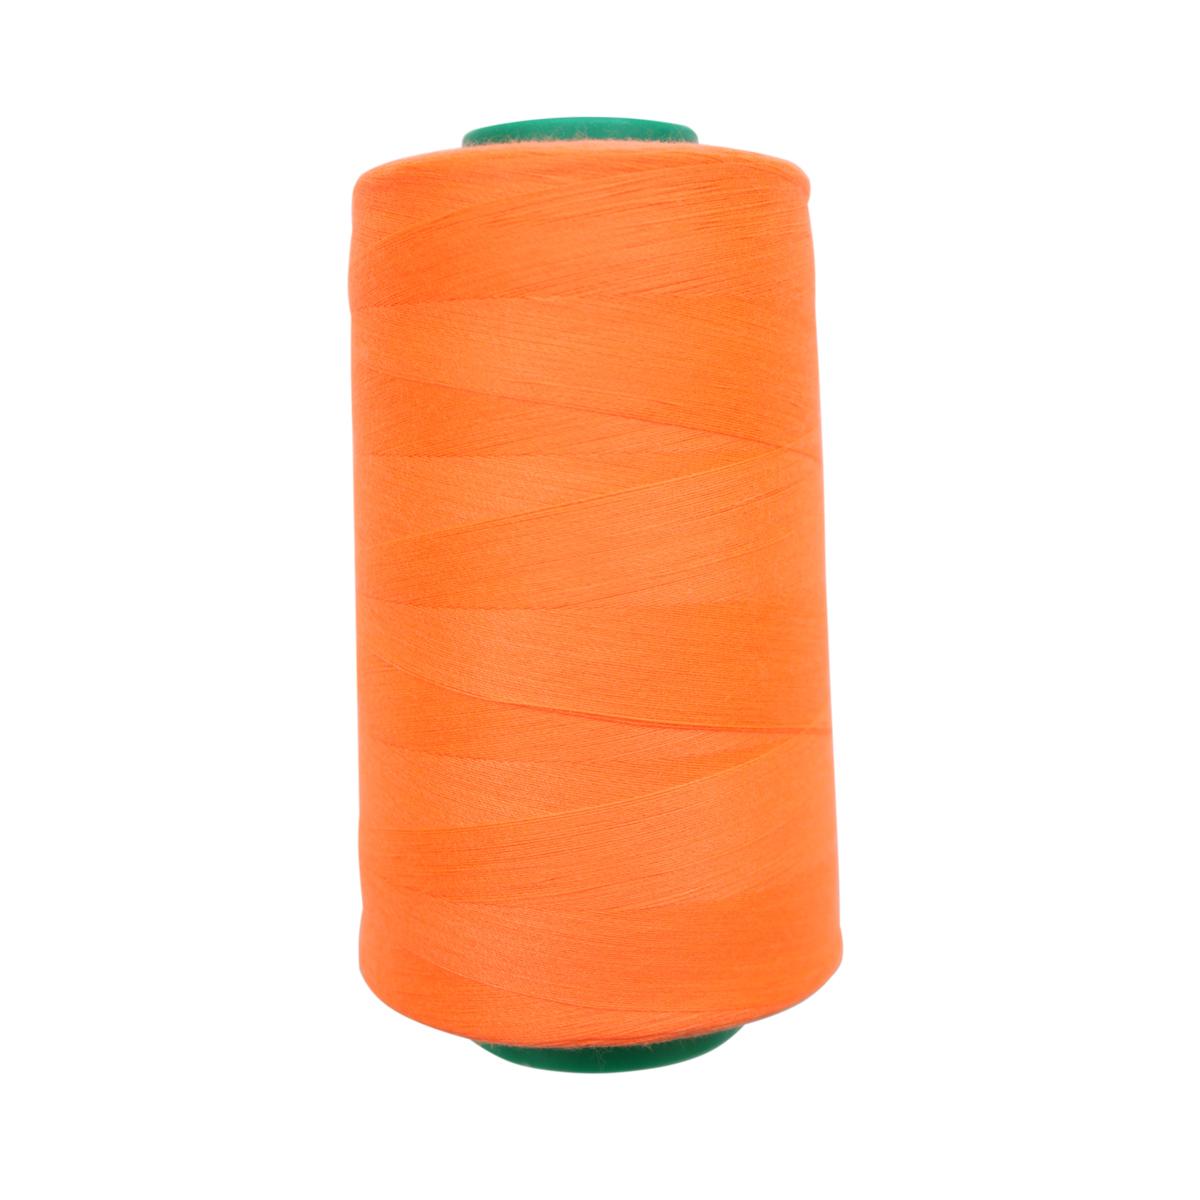 Нитки для шитья Bestex 50/2, 5000 ярд, цвет: неоноранж (399)7700936-399Сфера использования: трикотаж; ткани малого веса; оверлочные швы; отделка краев; вышивка. Размер игл №70-80